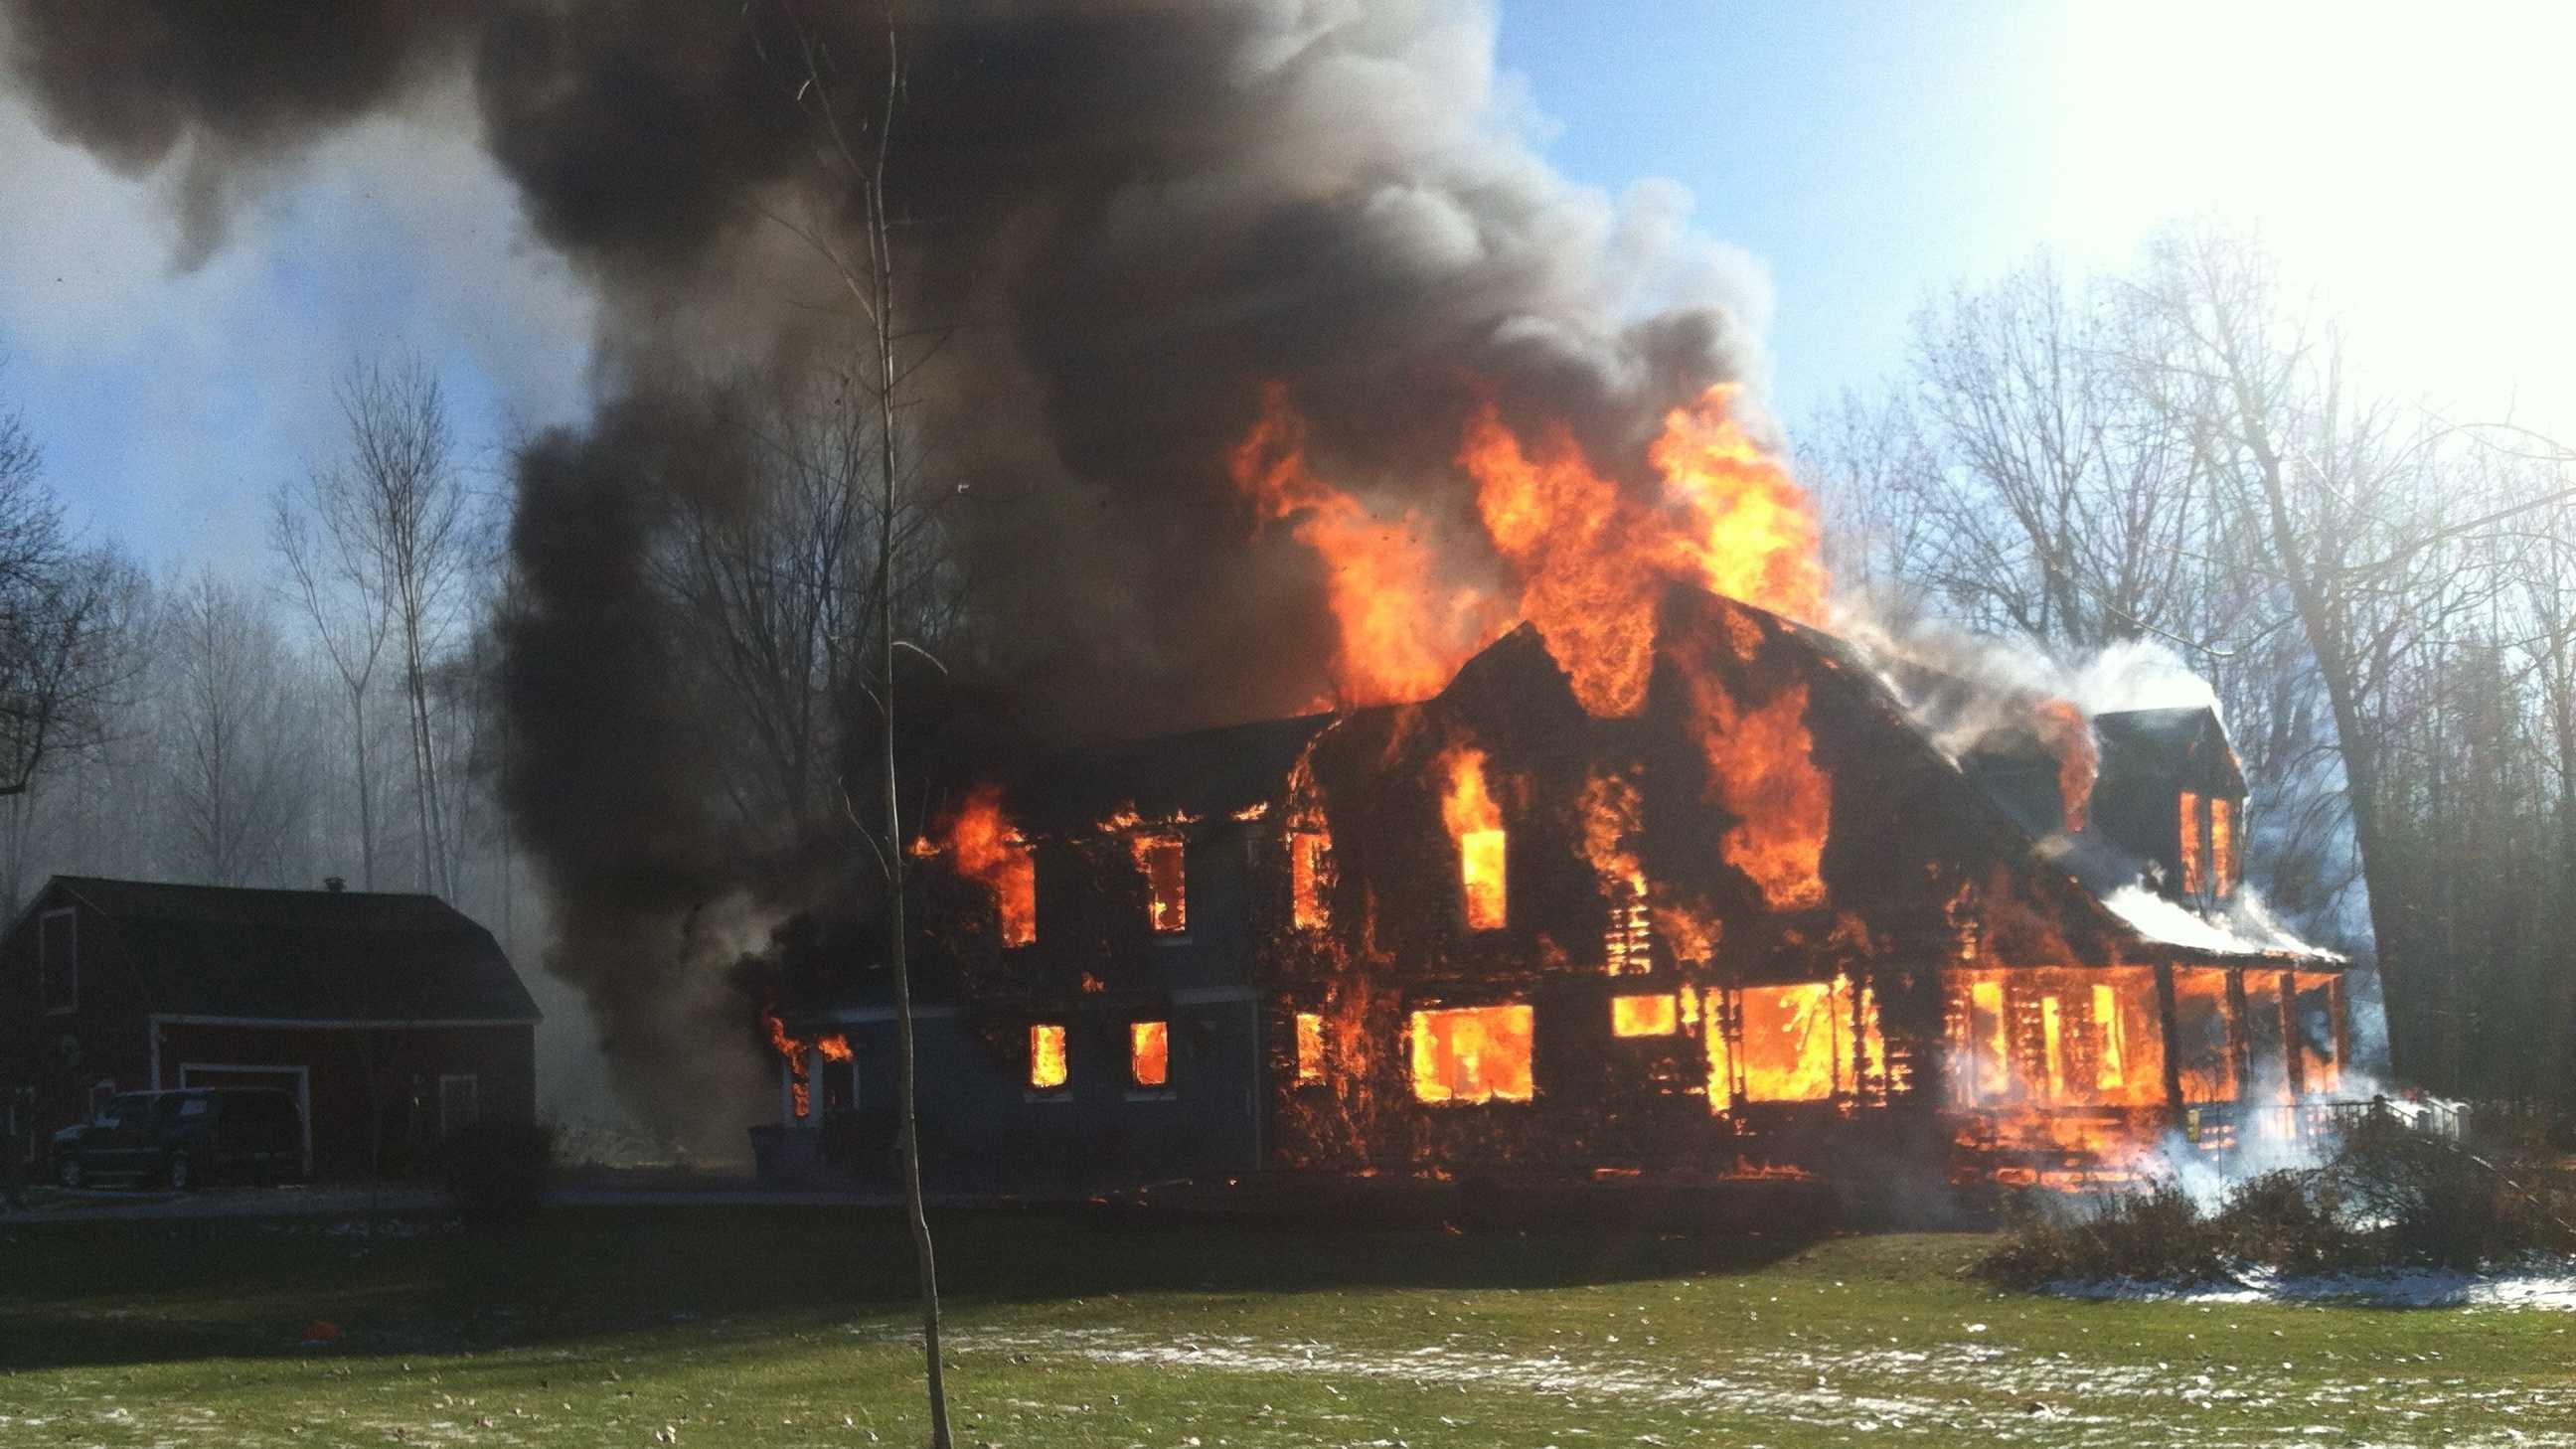 Fire engulfs an Isle La Motte home